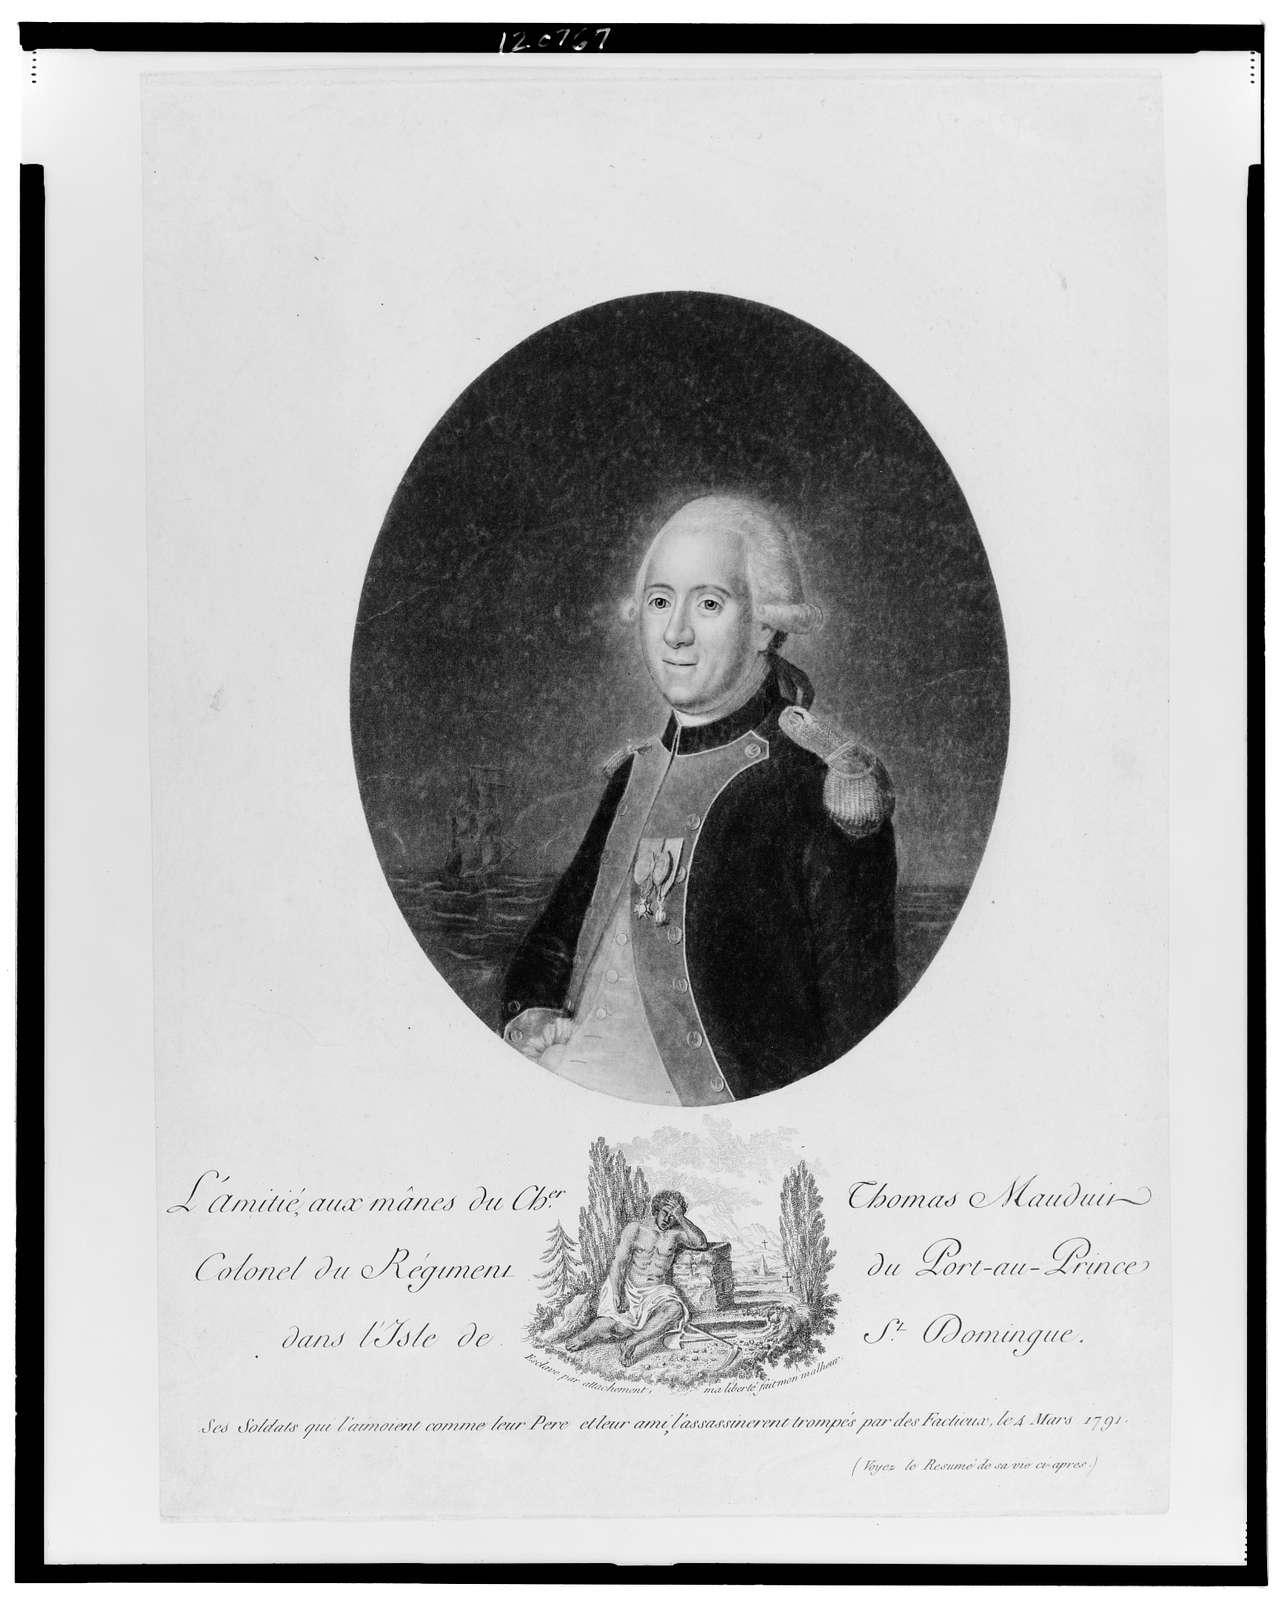 L'amitié, aux mânes du Cher. Thomas Mauduit Colonel du Regiment du Port-au-Prince dans l'Isle de St. Domingue